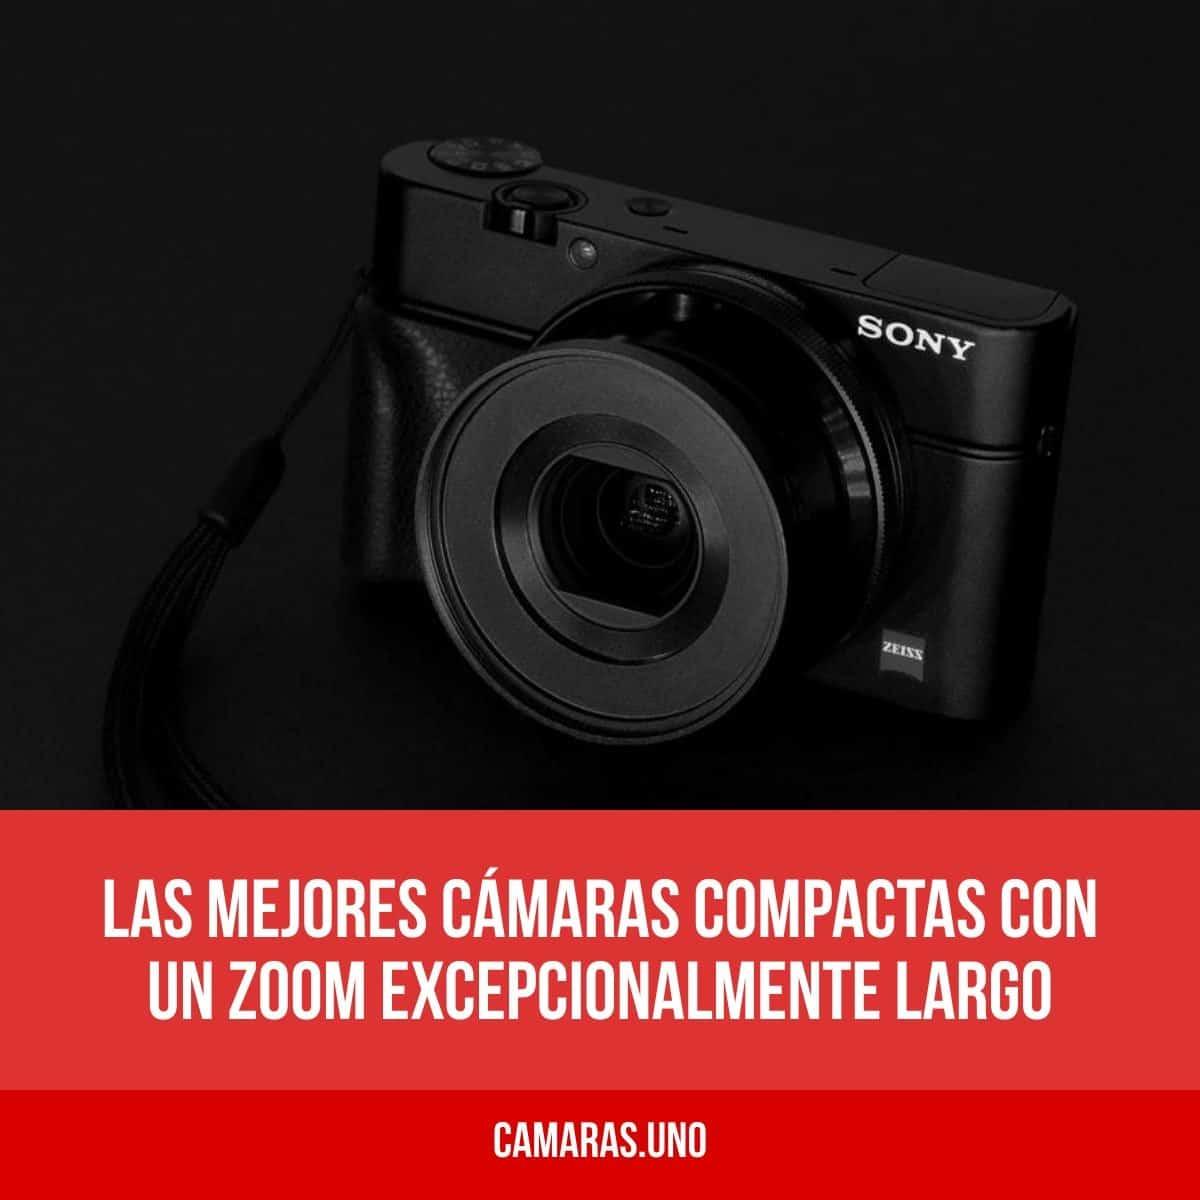 Las mejores cámaras compactas con un zoom excepcionalmente largo